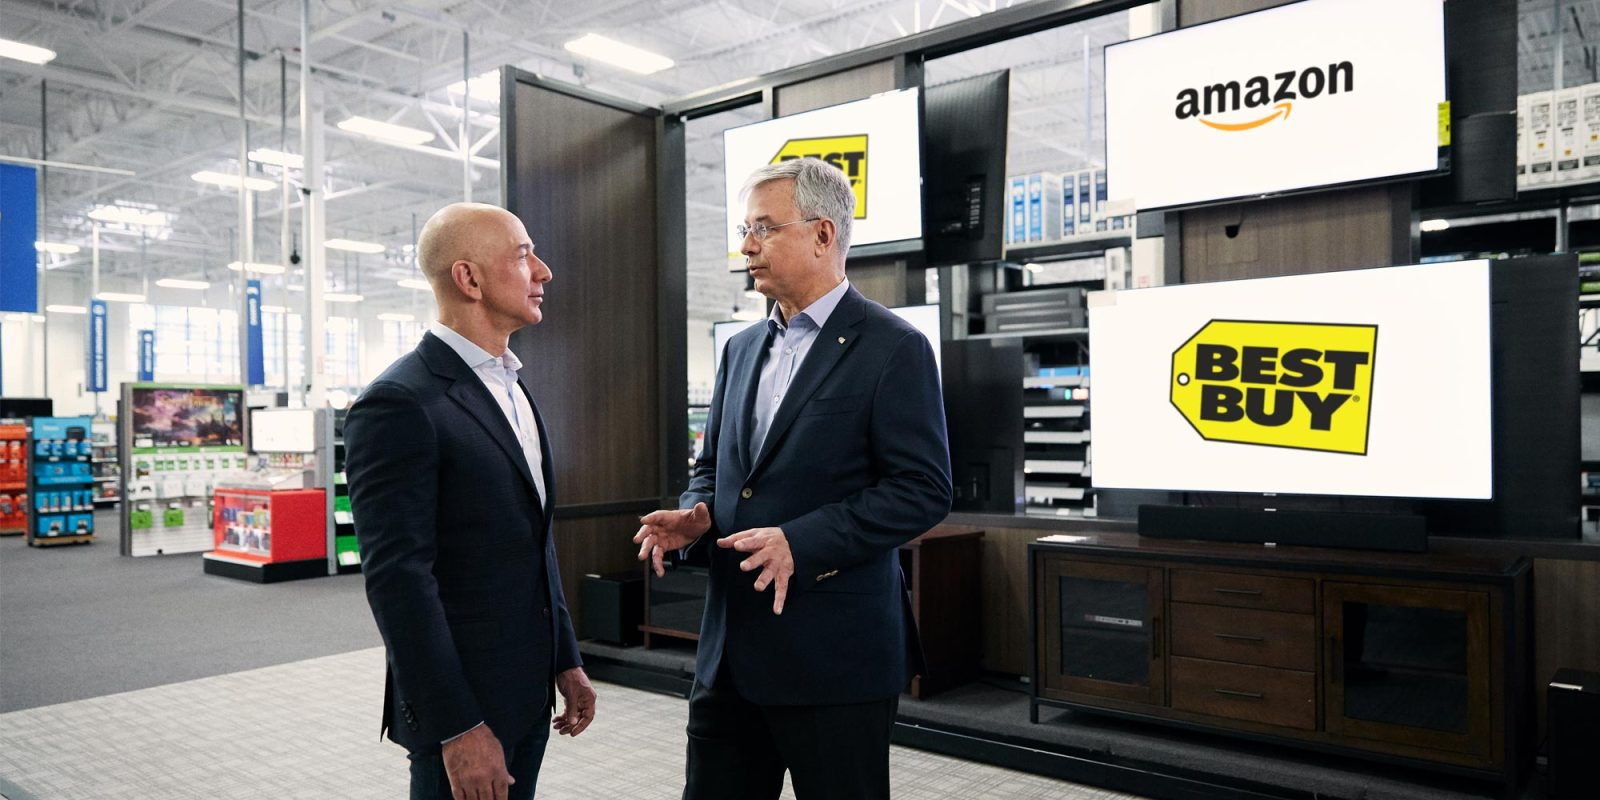 Best Amazon Deals cover image